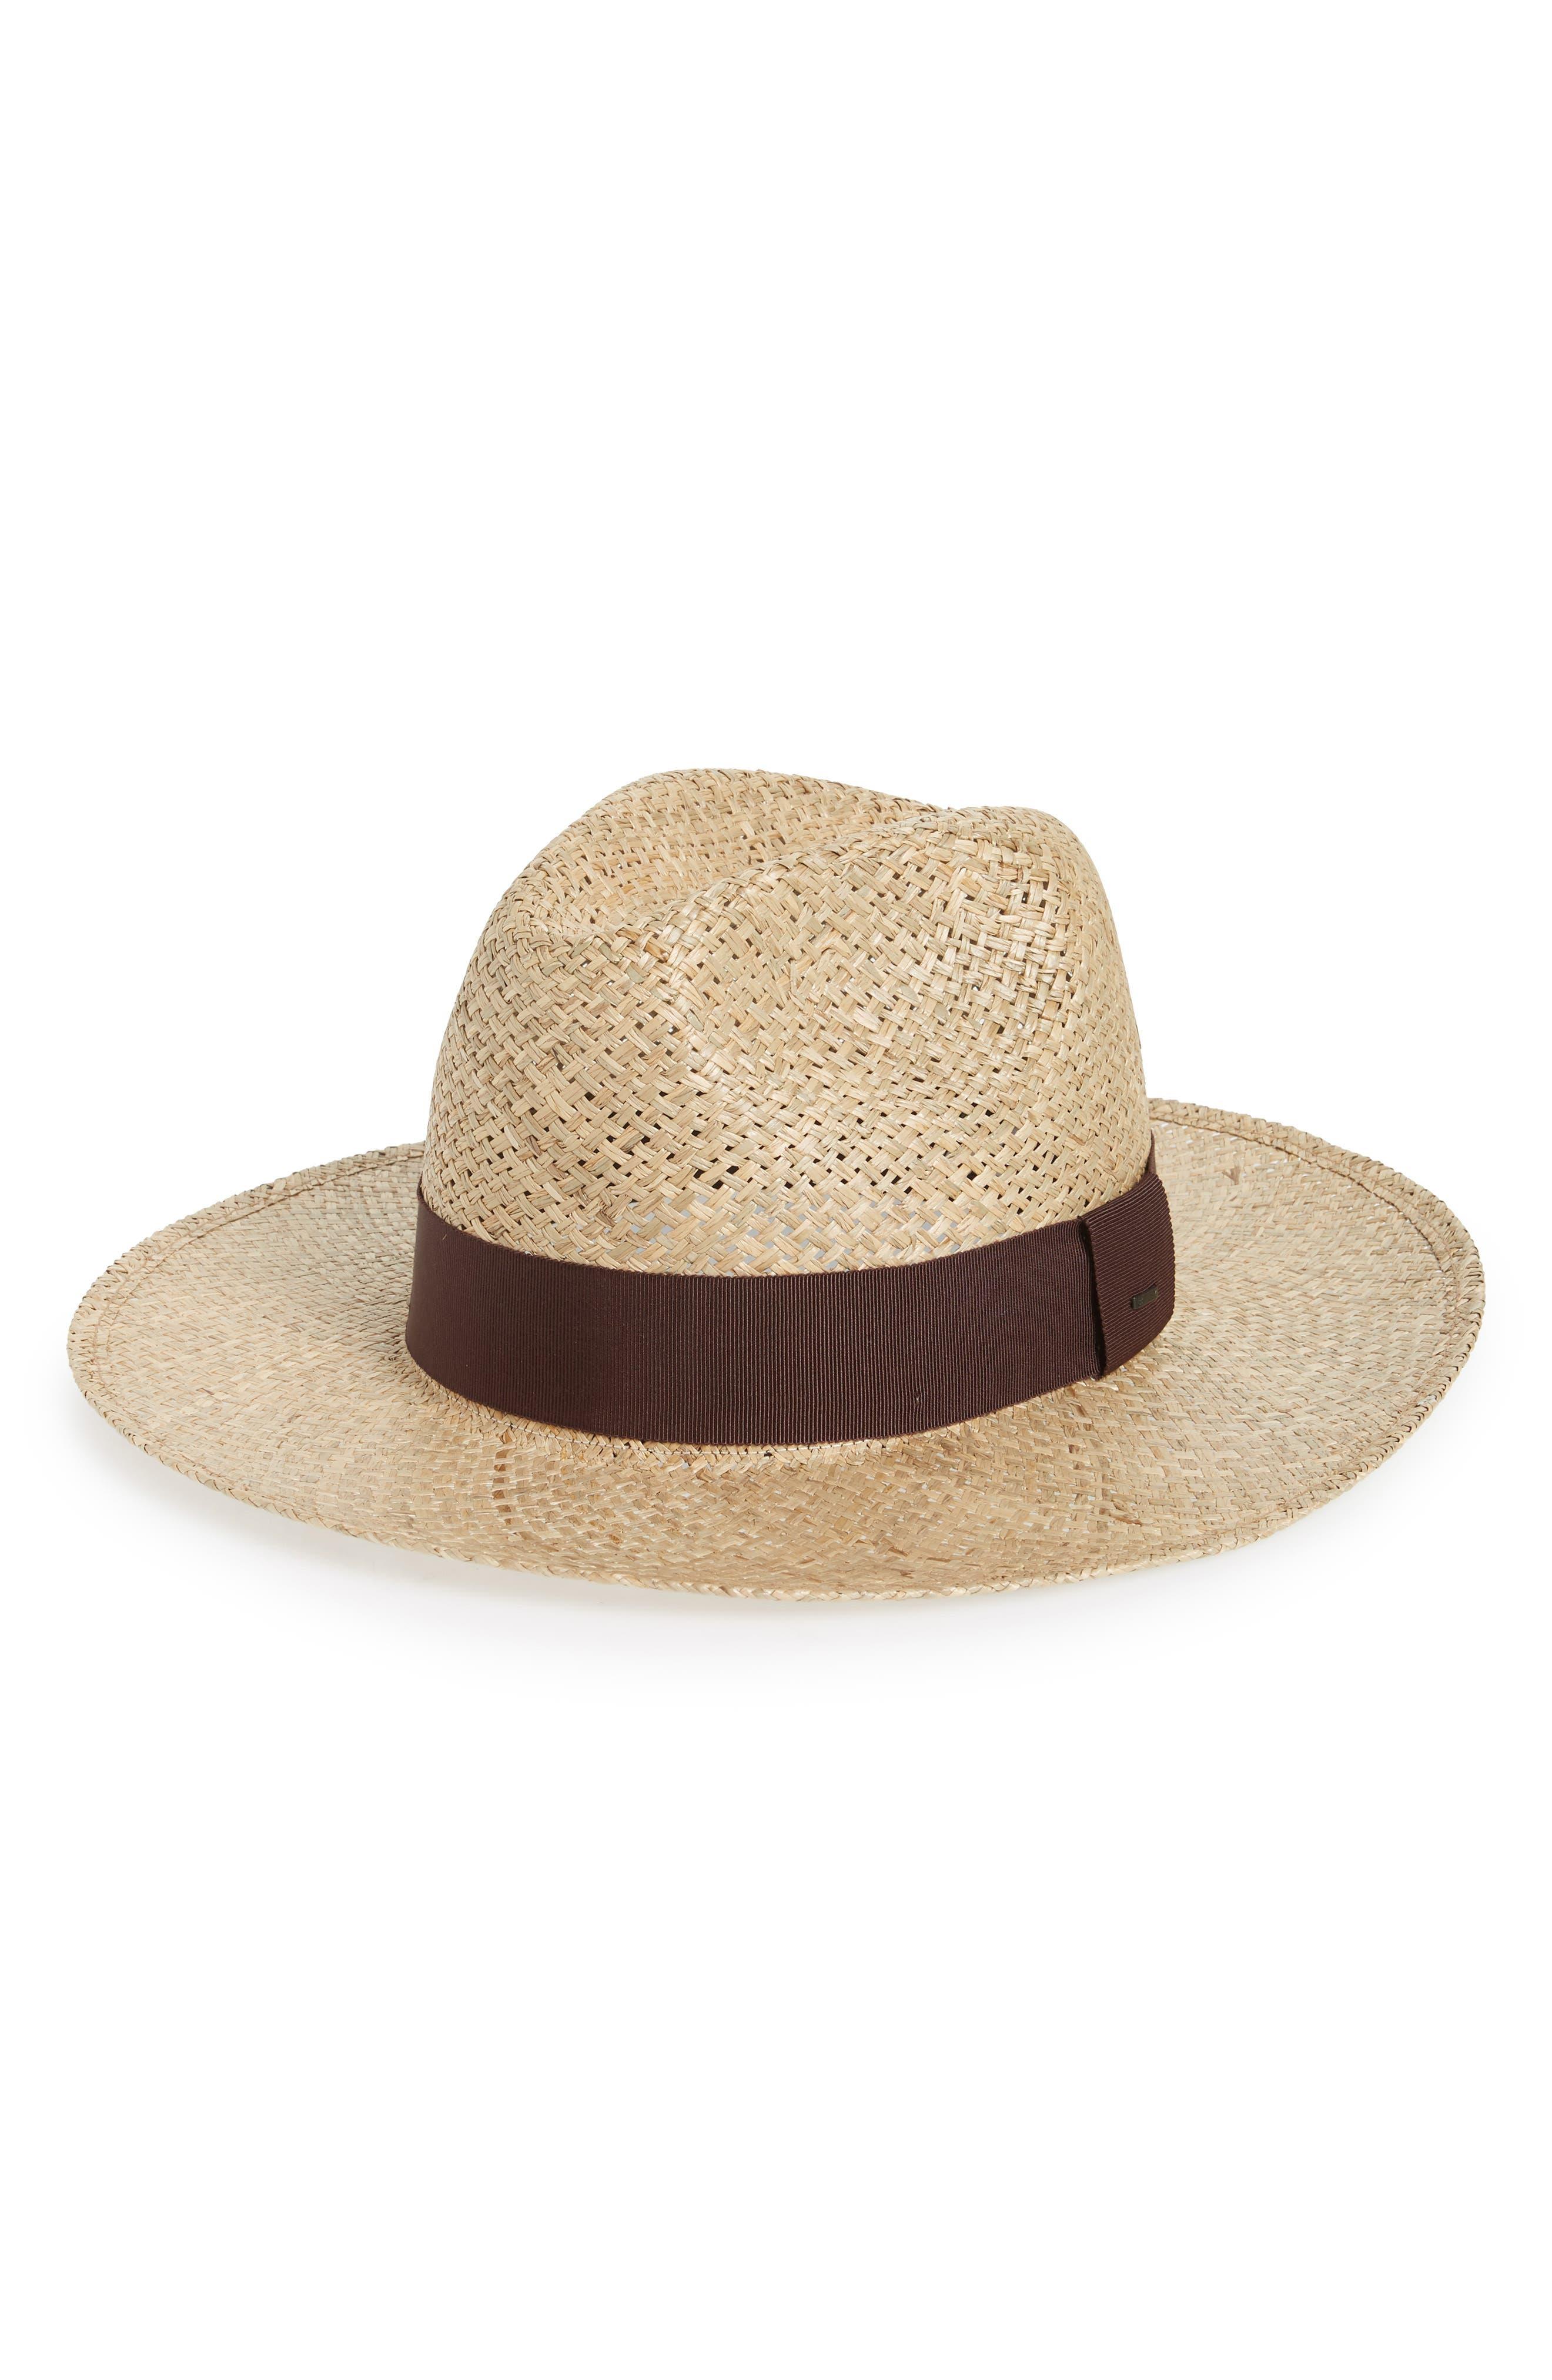 Kasmen Straw Hat,                             Main thumbnail 1, color,                             Natural